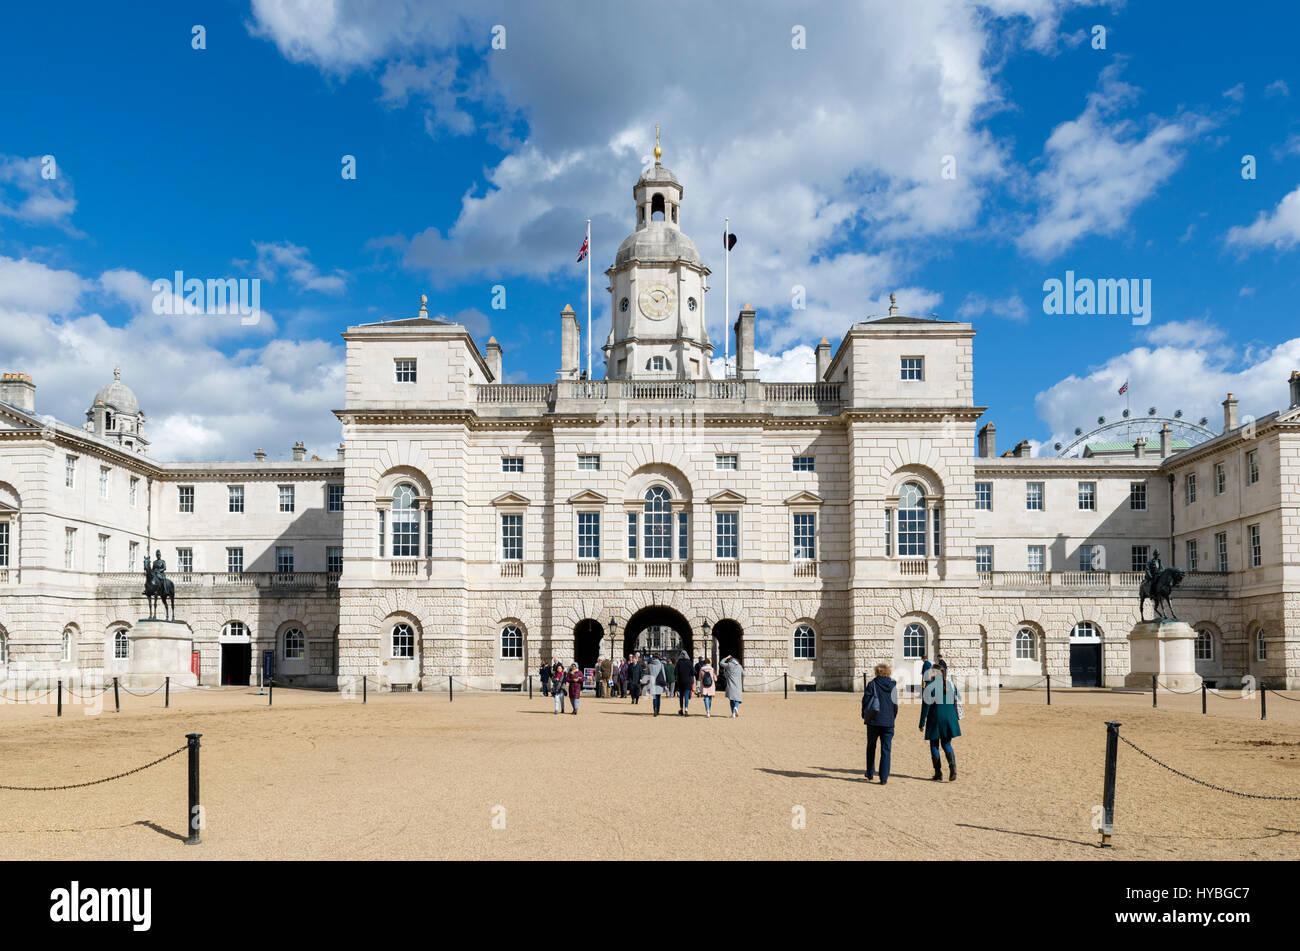 Edificio de guardias a caballo caballo desfile de guardias, Westminster, Londres, Inglaterra, Reino Unido. Imagen De Stock